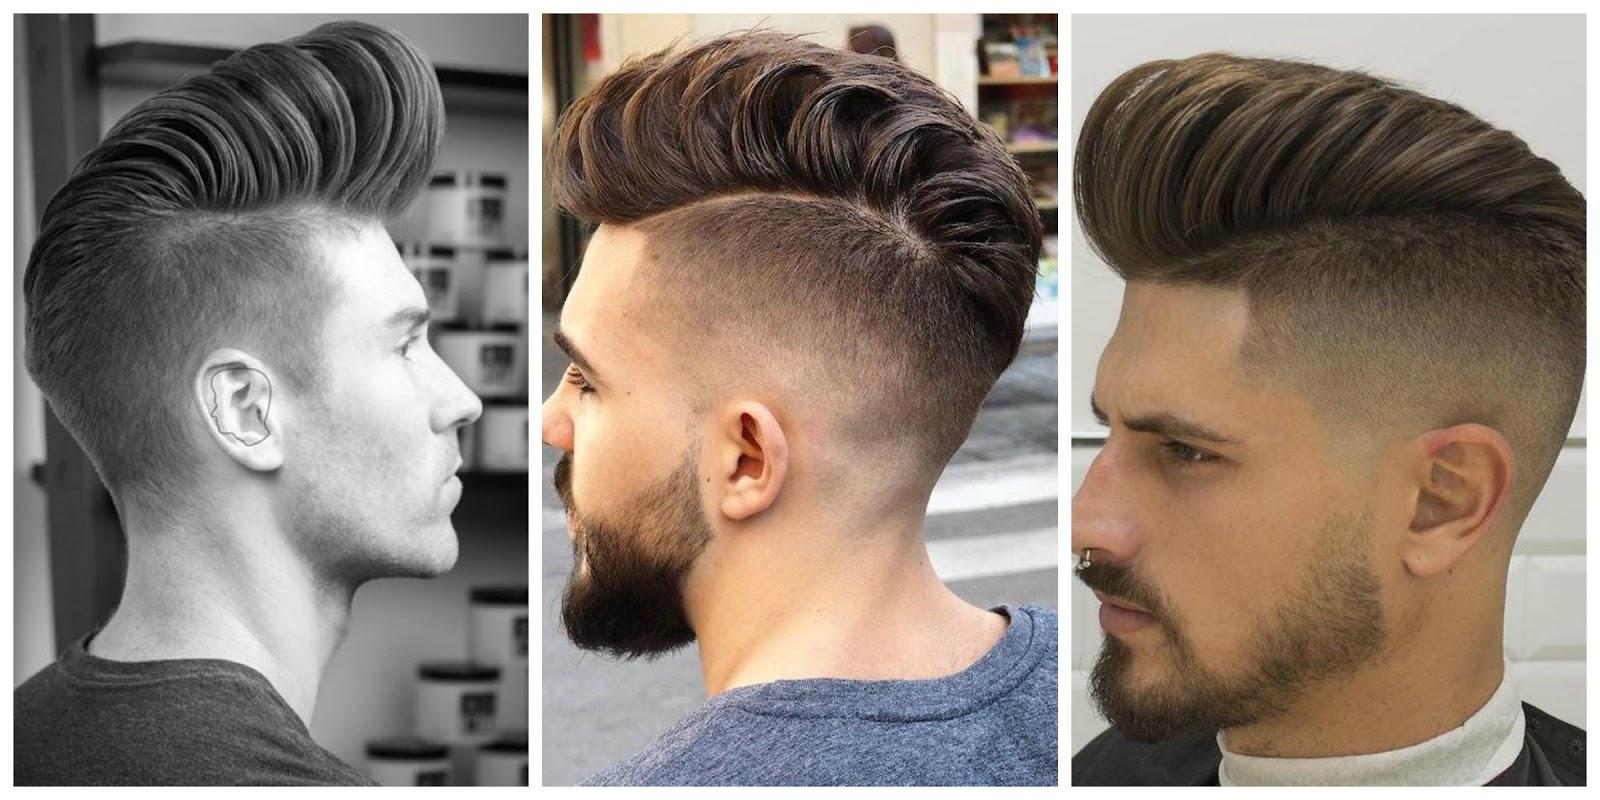 Corte para caballero 2016 imagenes cortes de pelo hombre - Cortes para chicos ...